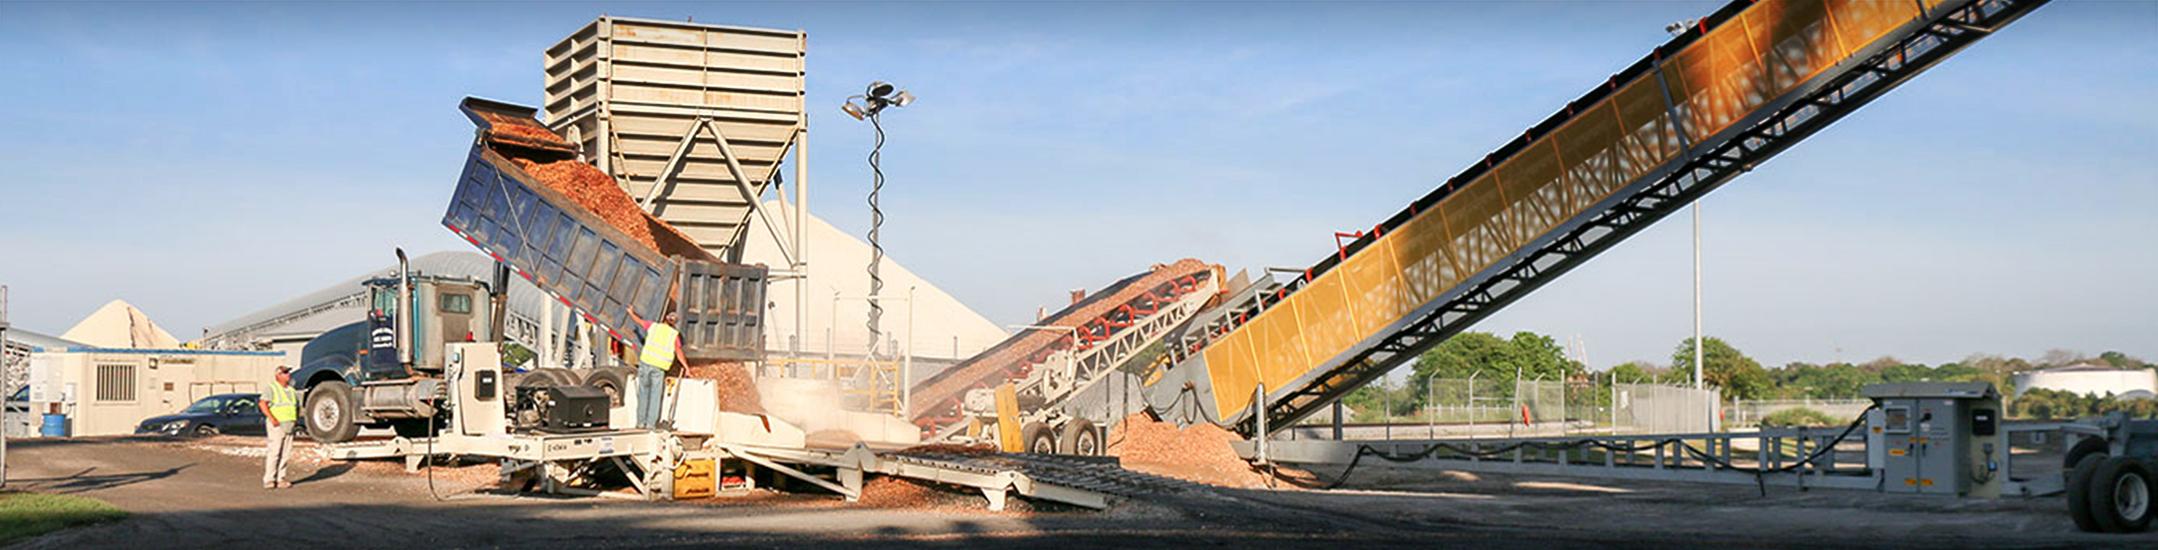 RazerTail® Truck Unloader by Superior Industries